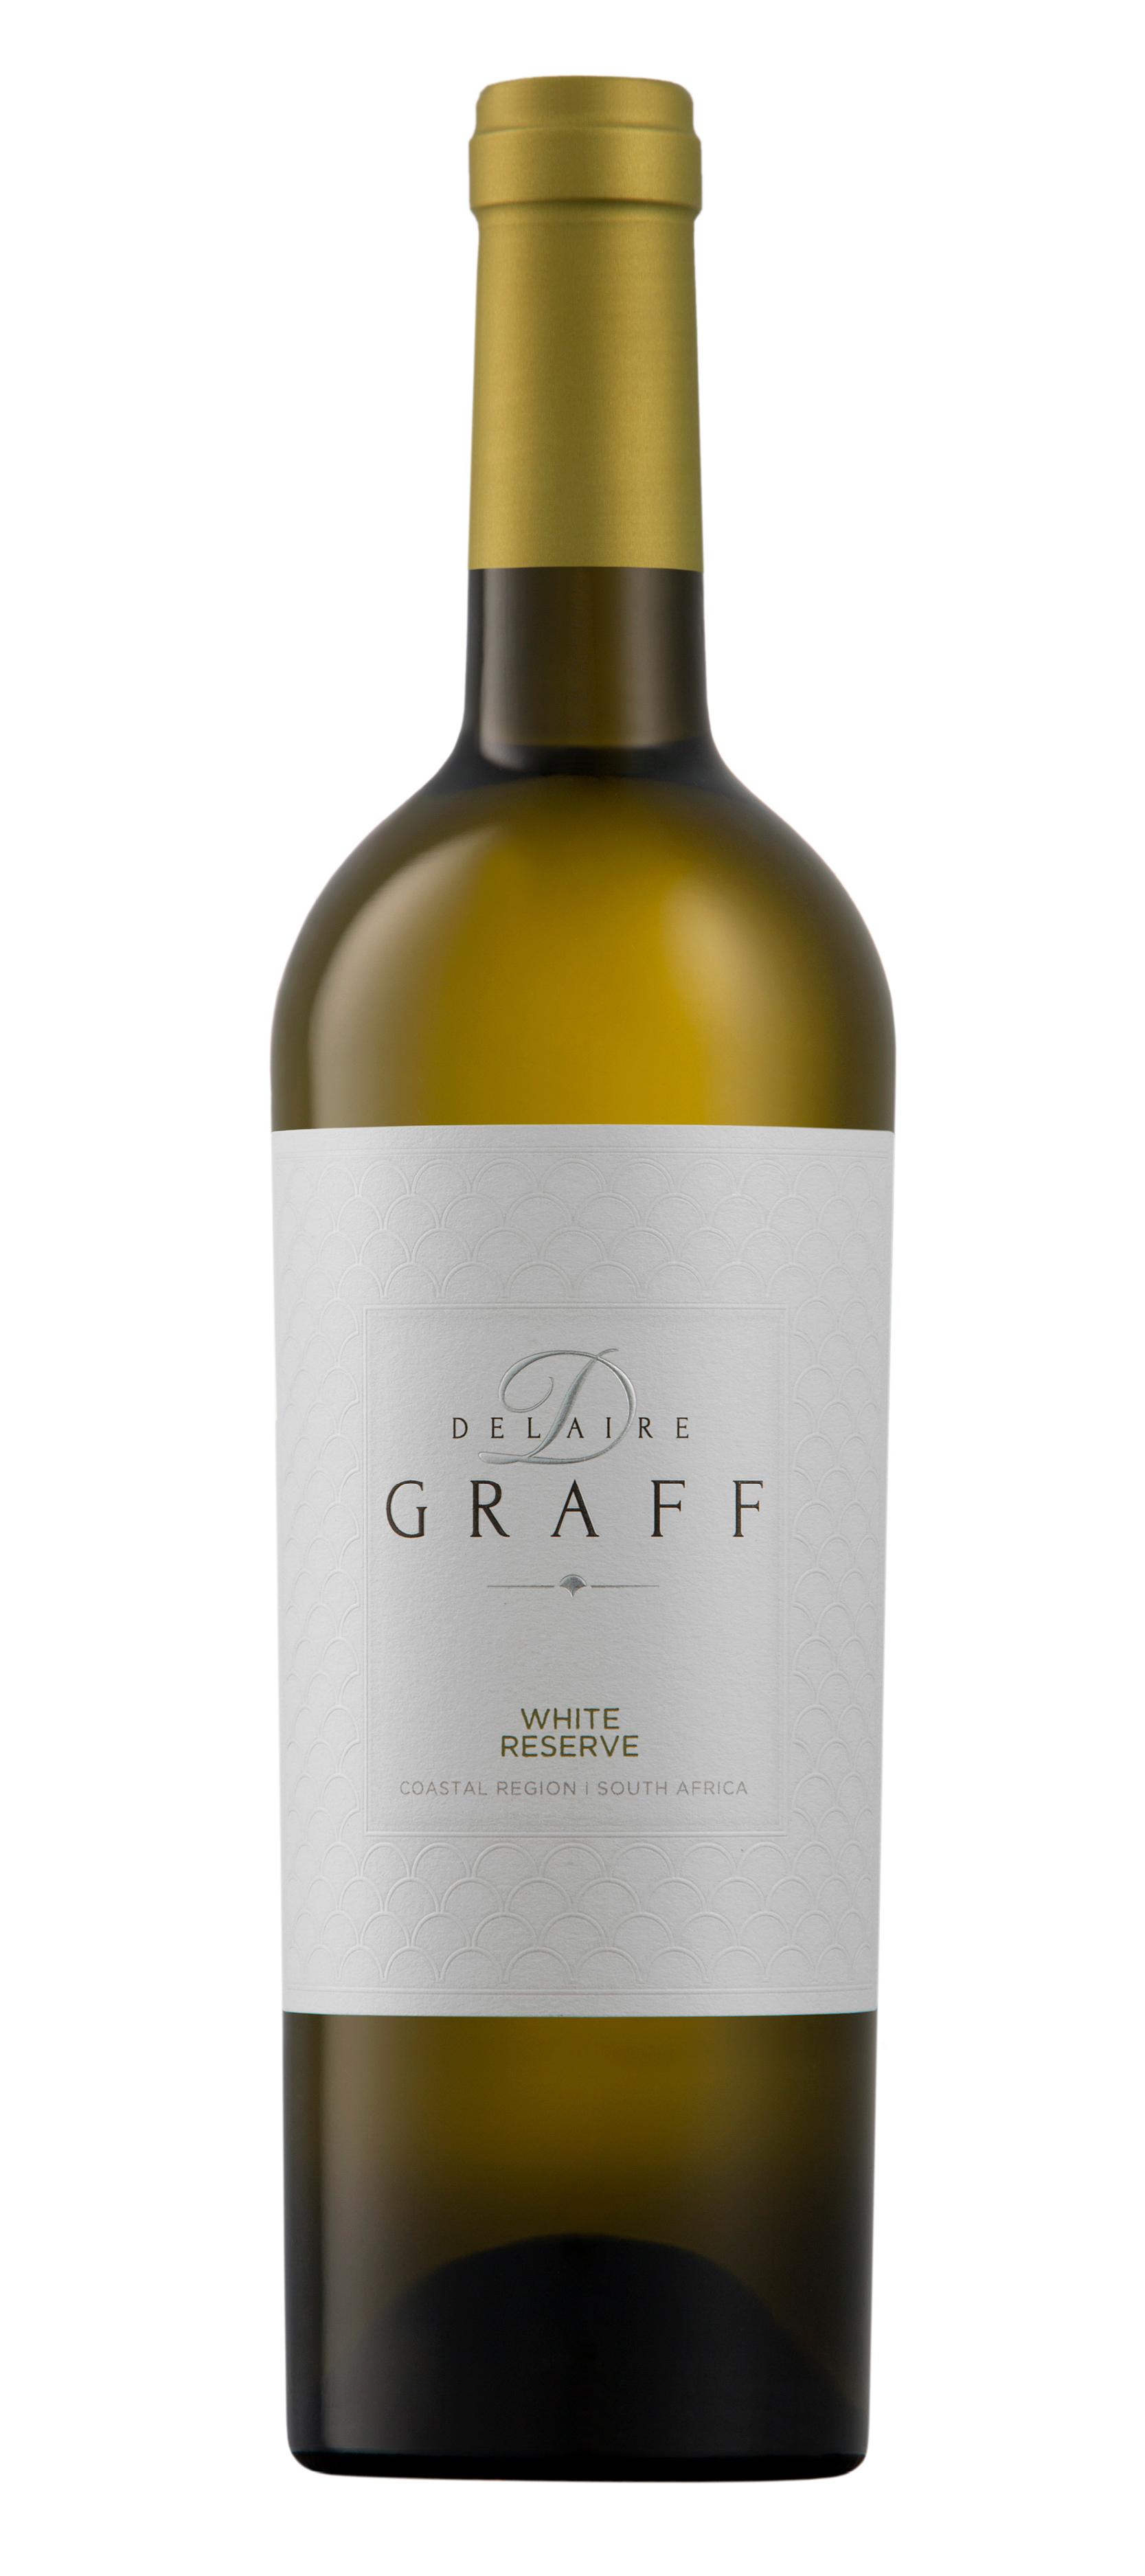 A bottle of Delaire Graff White Reserve wine